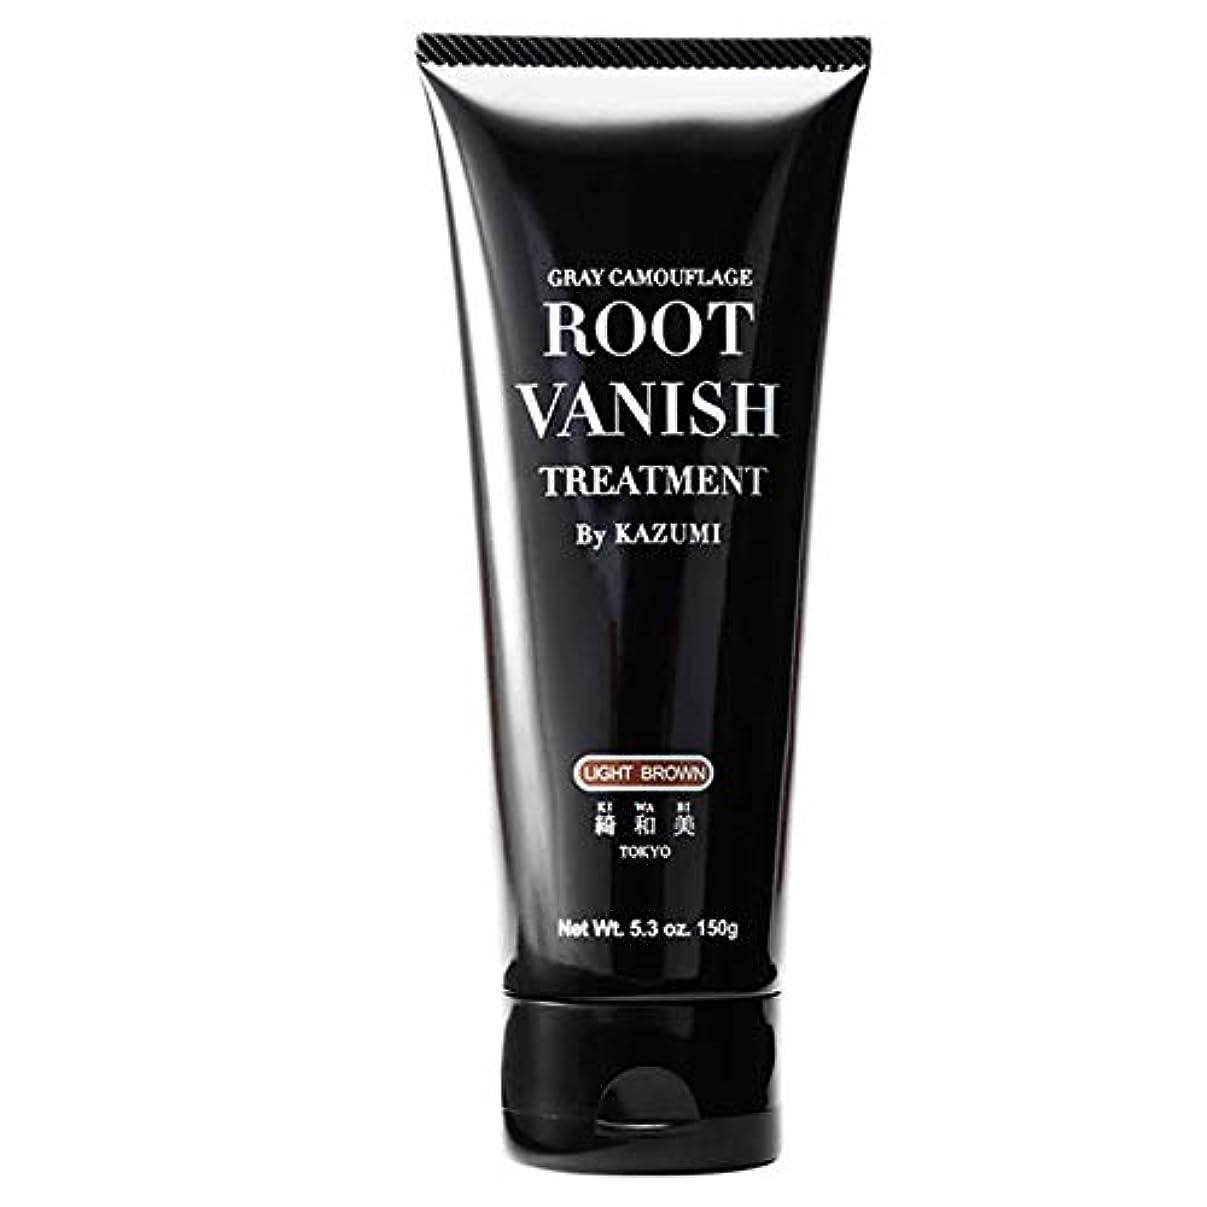 同情的魔女ぐったりRoot Vanish 白髪染め (ライトブラウン) ヘアカラートリートメント 女性用 [100%天然成分 / 無添加22種類の植物エキス配合]